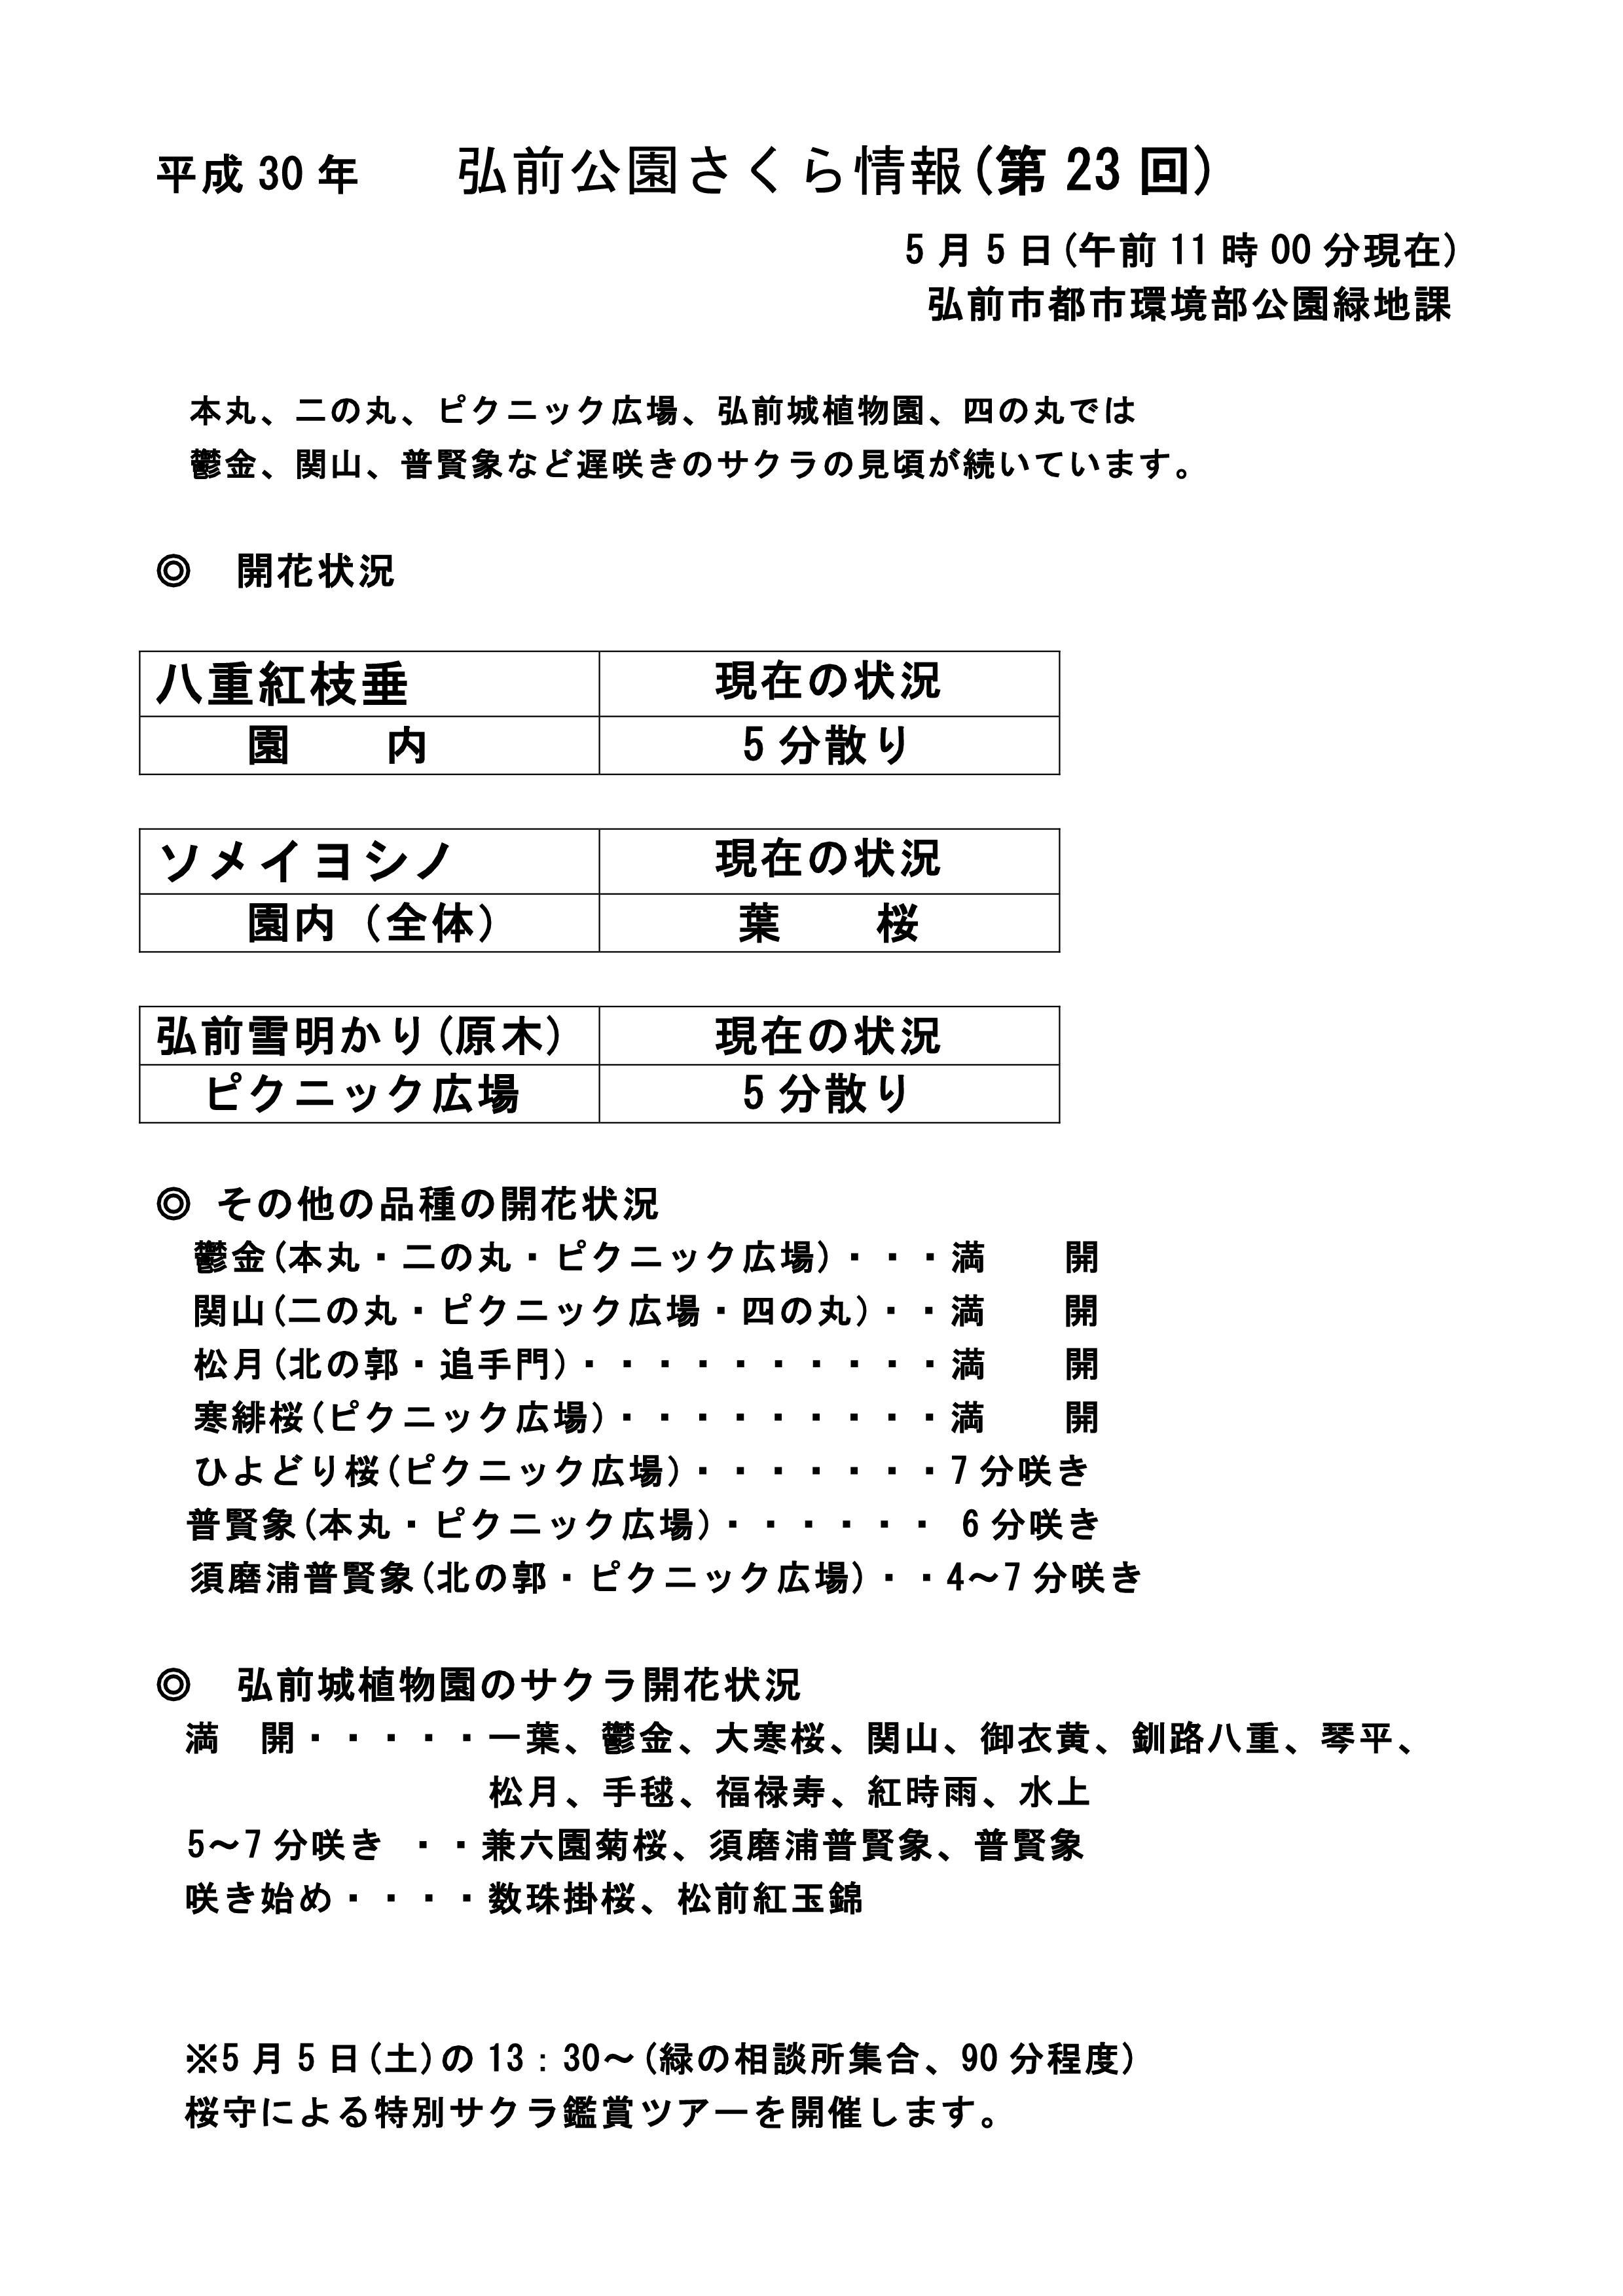 2018年5月5日付 弘前公園さくら情報【弘前公園・弘前城】